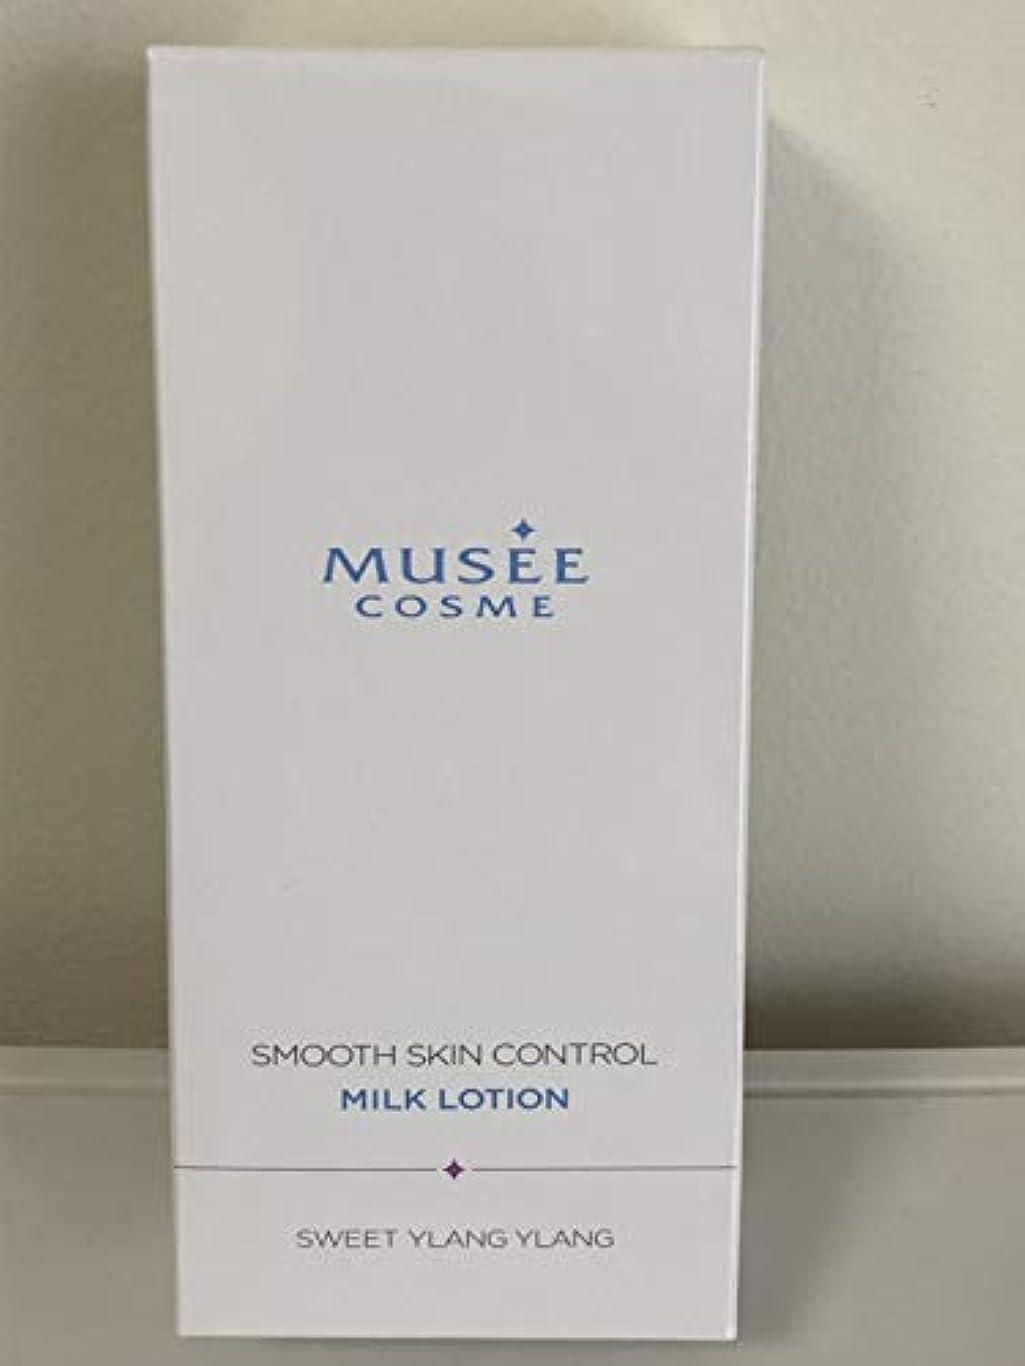 背骨老人絞るミュゼコスメ 薬用スムーススキンコントロール ミルクローション 300mL スイートイランイランの香り